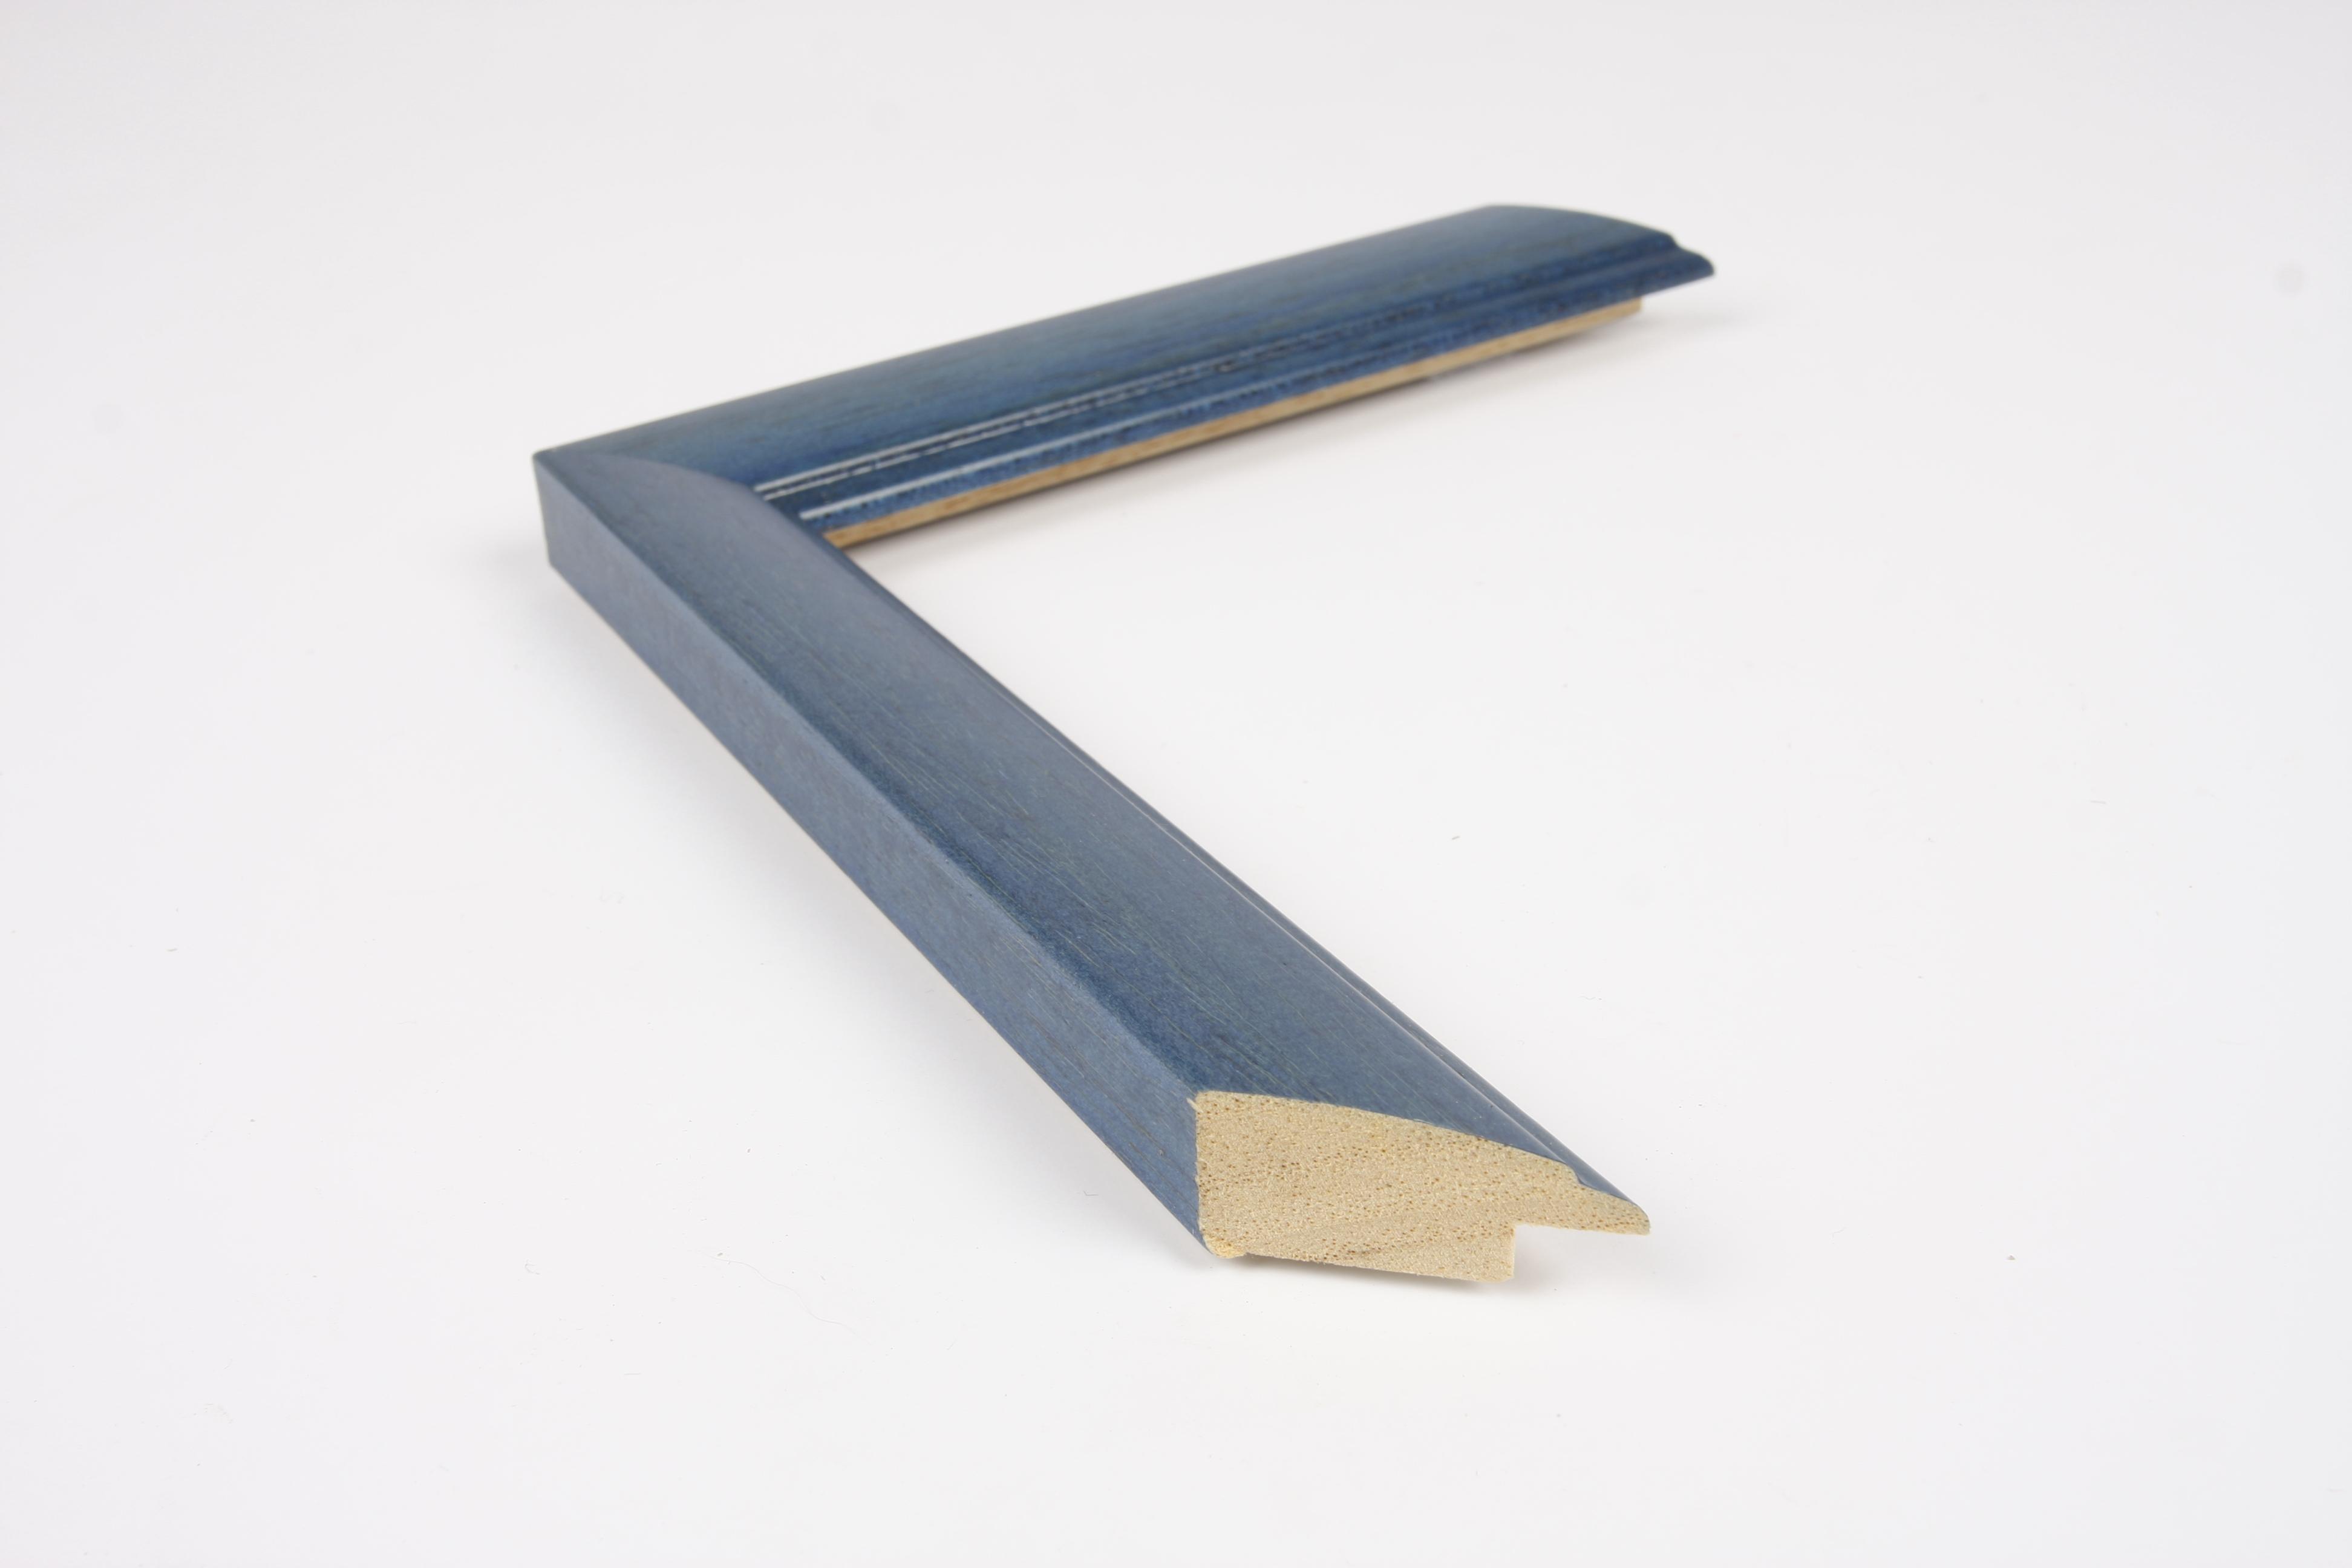 05911-022-azul-ancho2,6cm-perfil